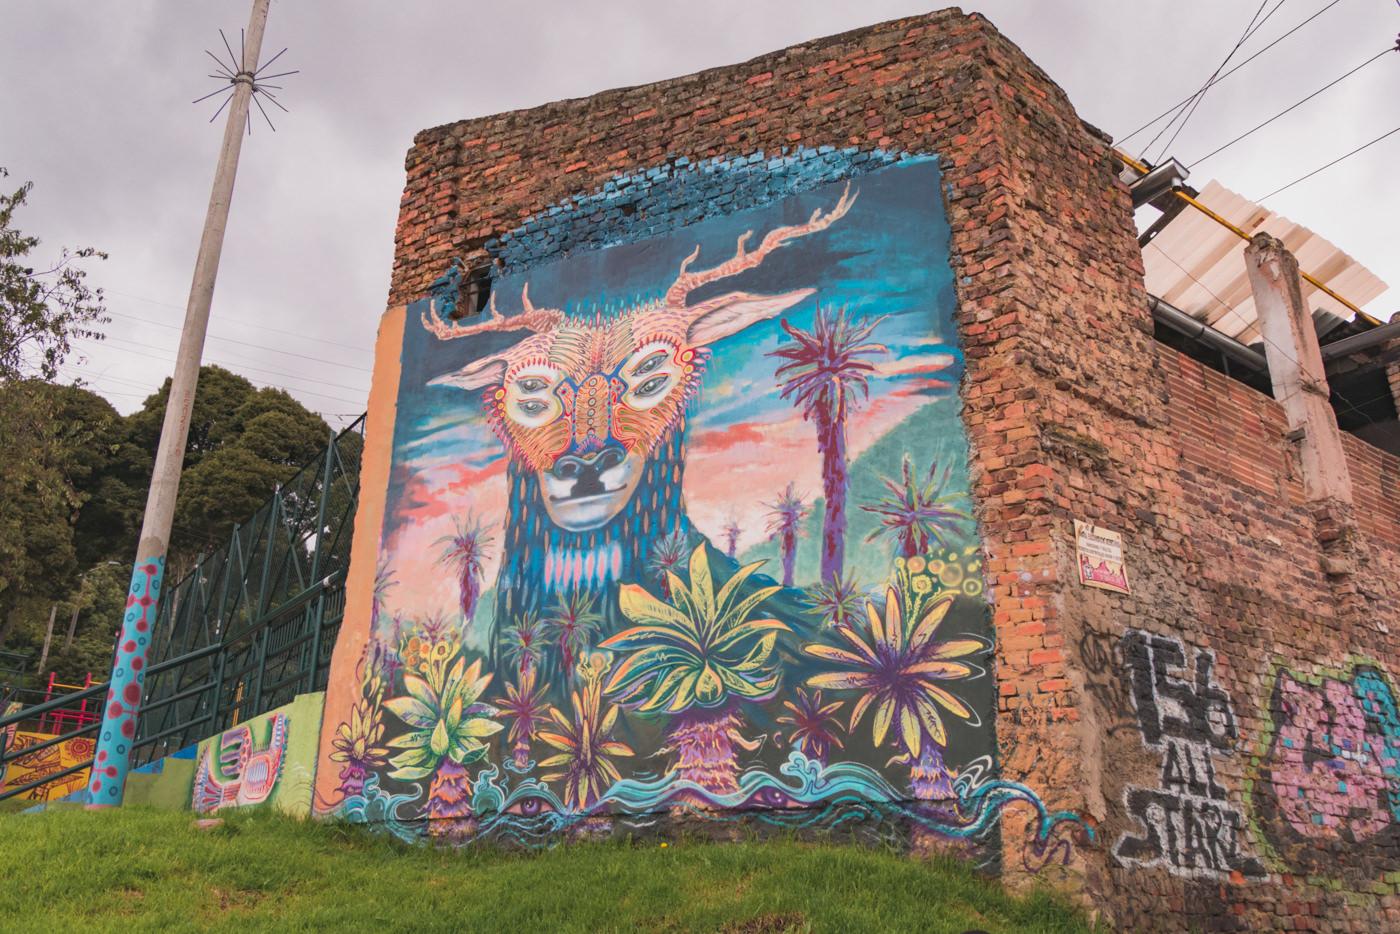 Streetart in Bogotá